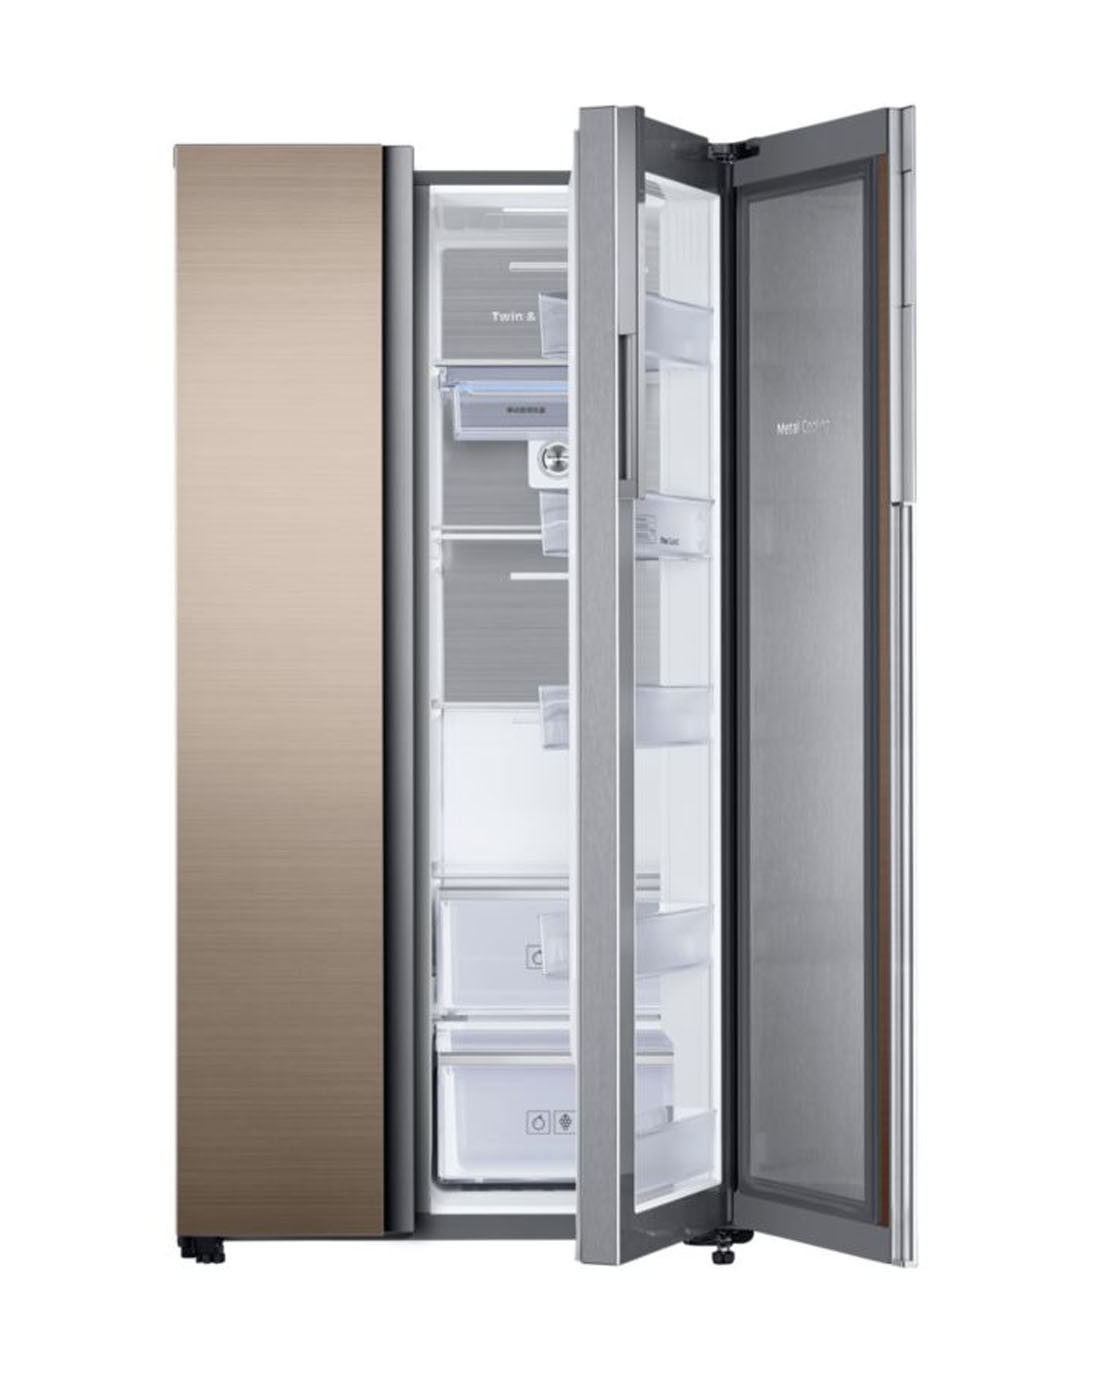 620升 叠式双开门冰箱